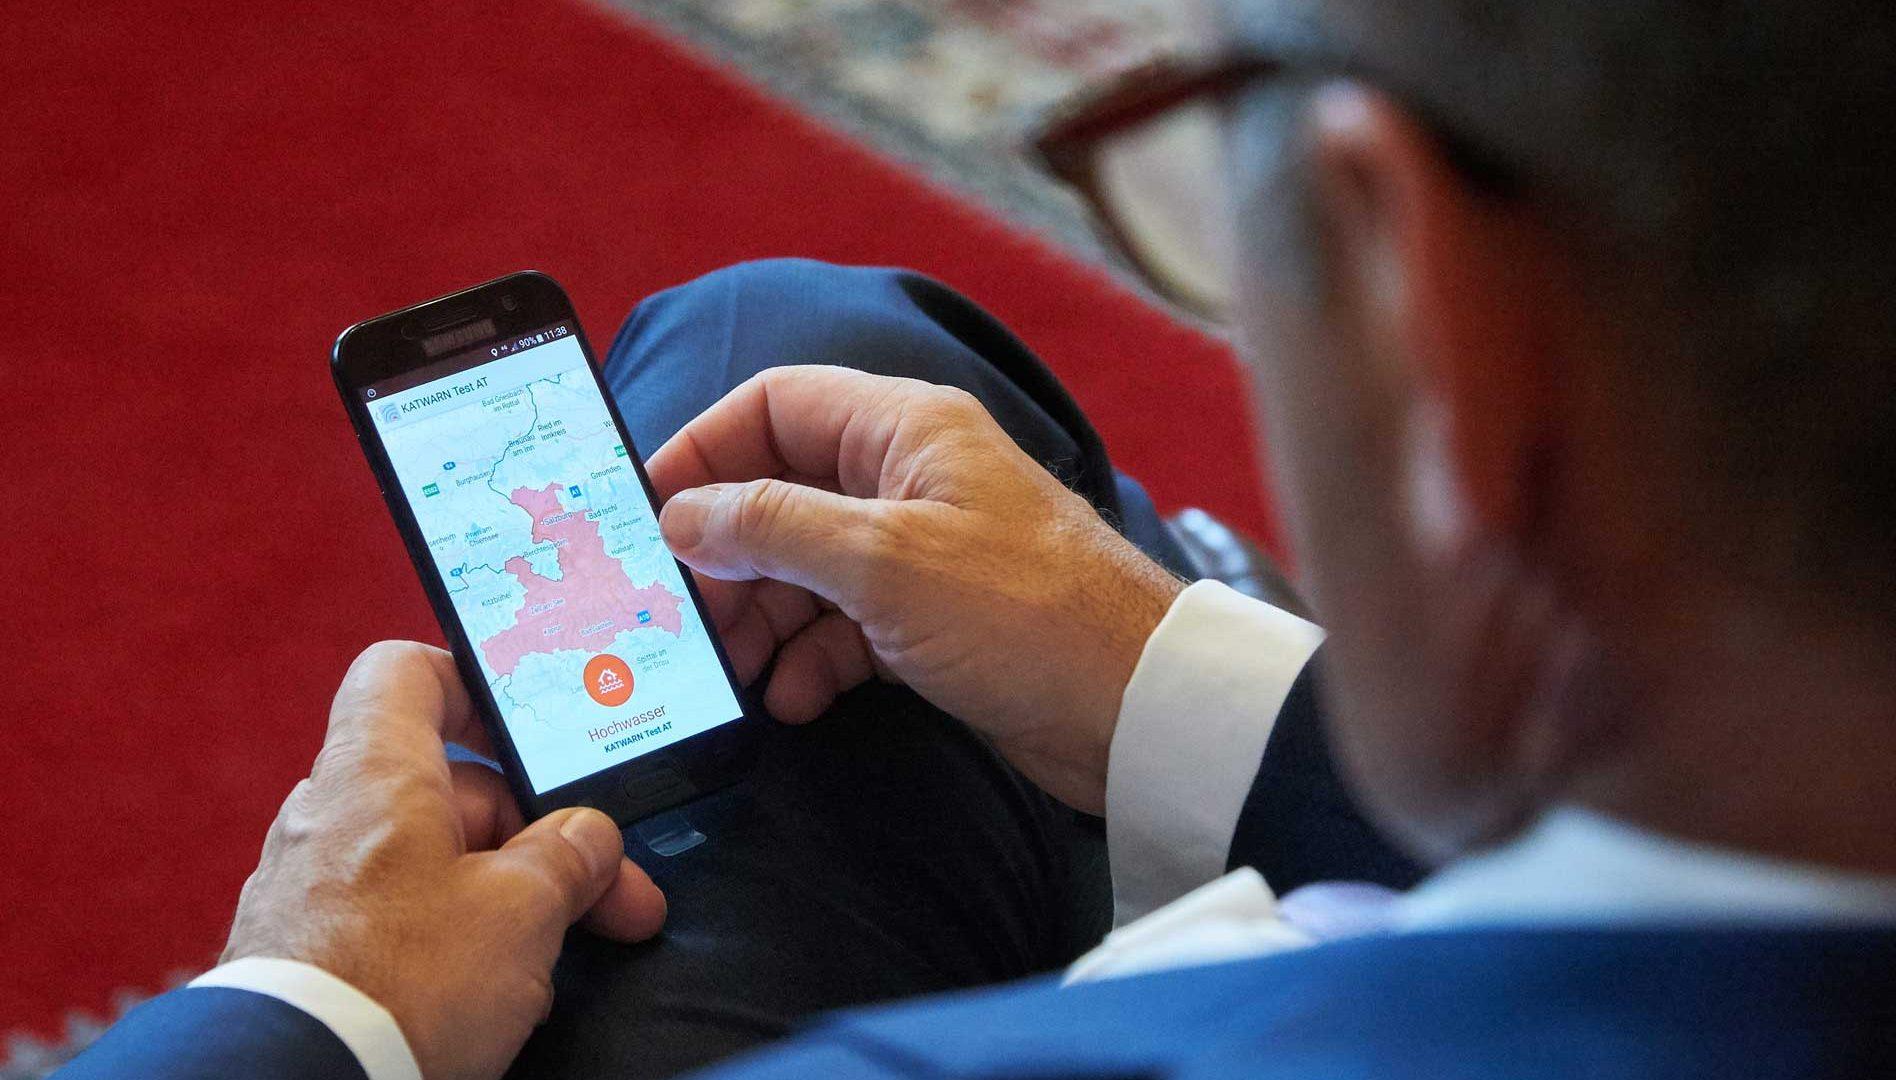 Mit KATWARN erhalten Bürger ab sofort kostenlos und per App eine Benachrichtigung, wenn es in ihrer Gemeinde z.B. ein Hochwasser gibt. ©BMI/Karl Schober